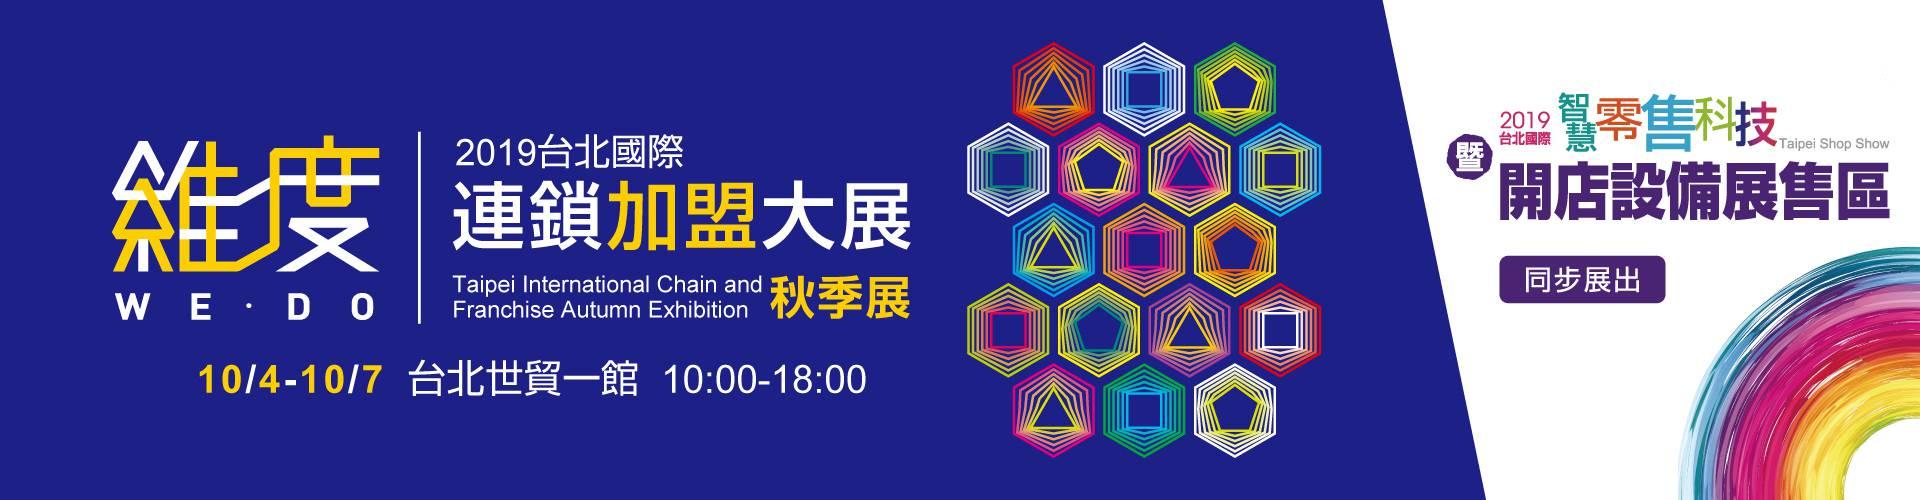 2019台北國際連鎖加盟大展-秋季展